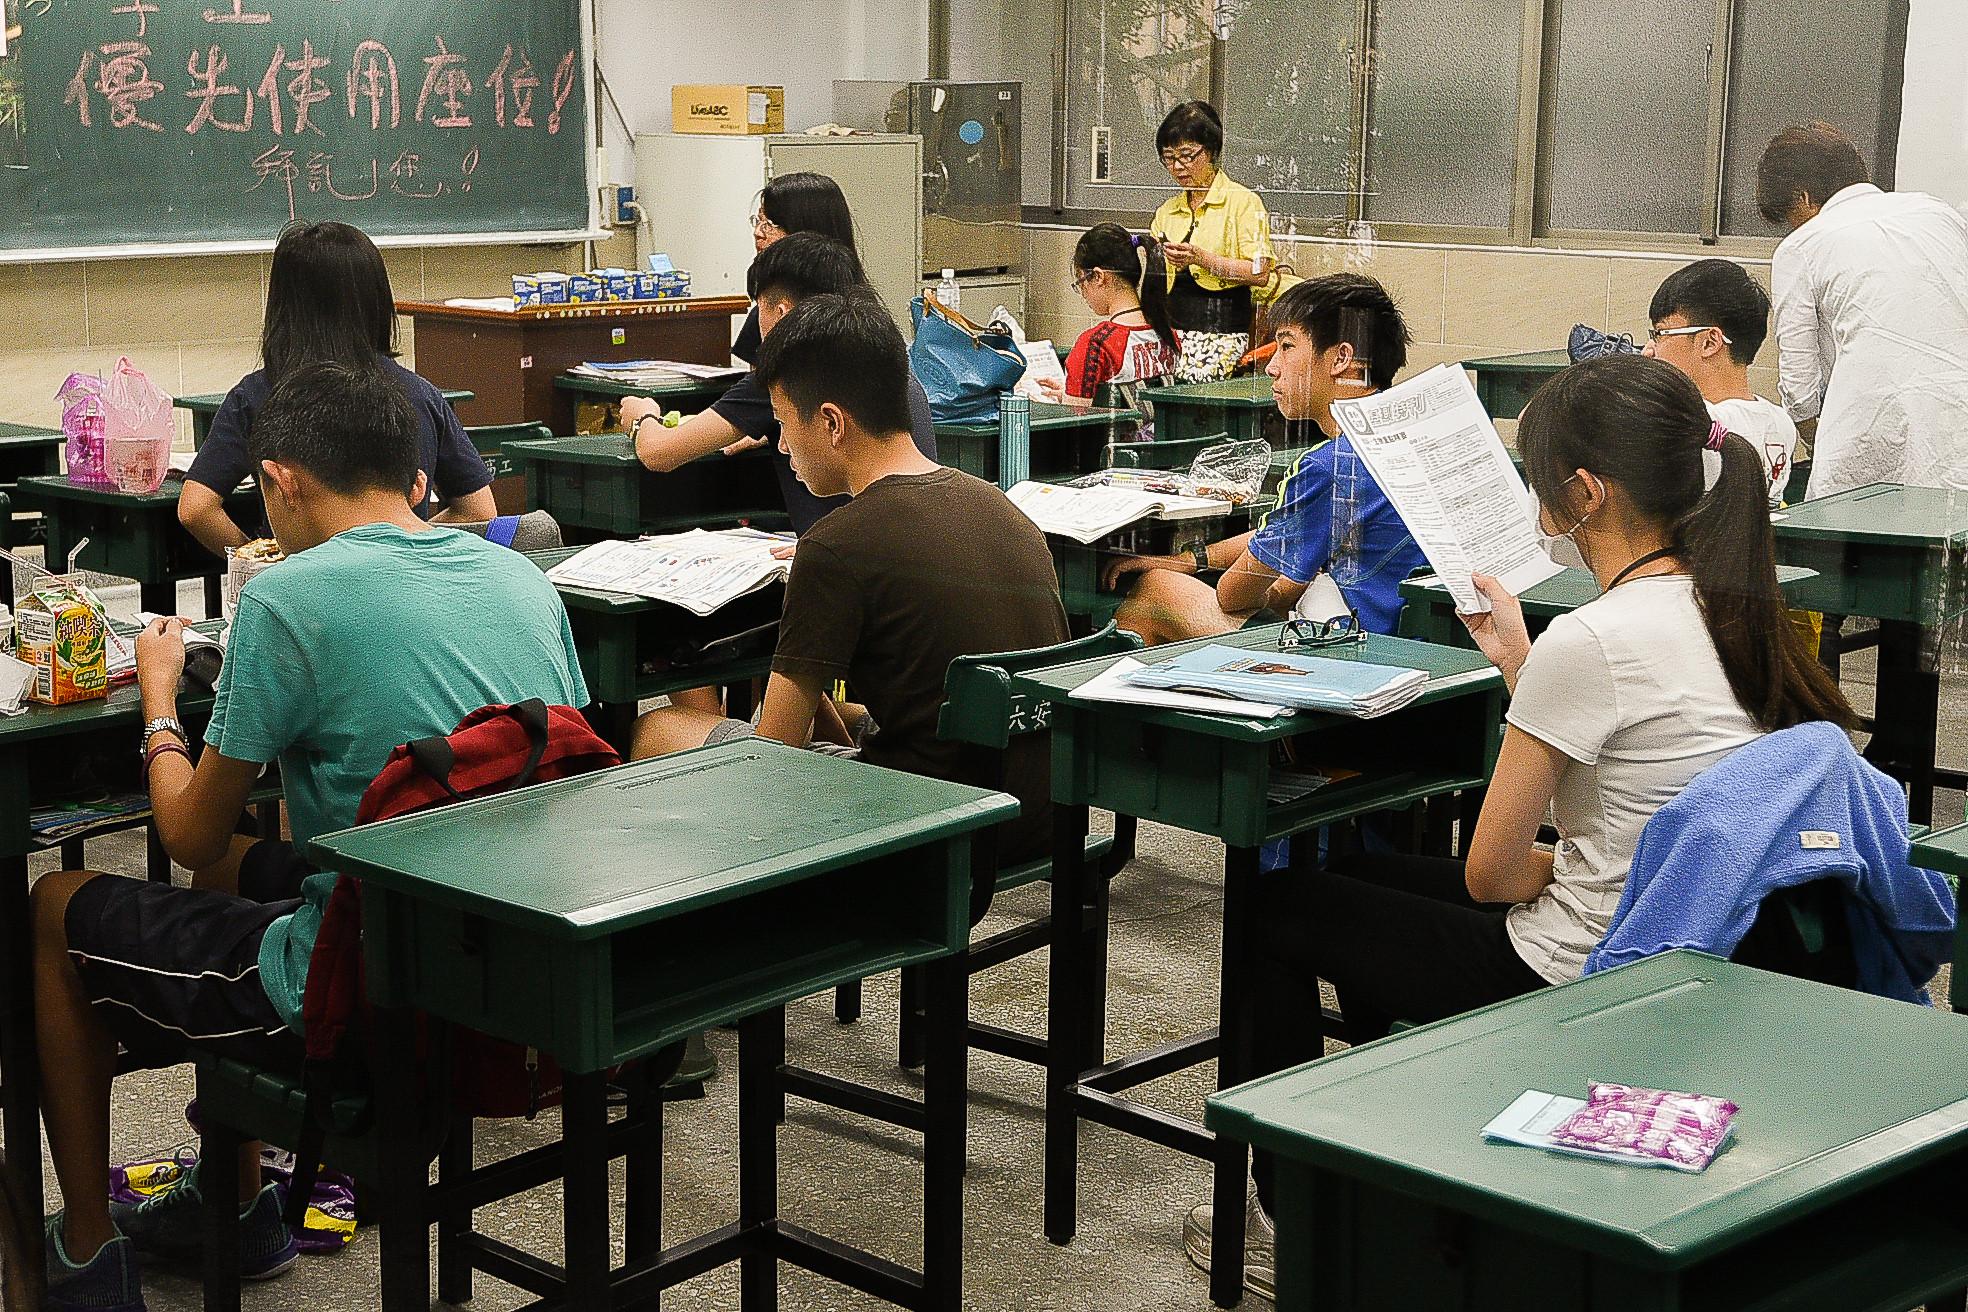 105年國中教育會考,考生,考場,陪考(圖/記者張一中攝)